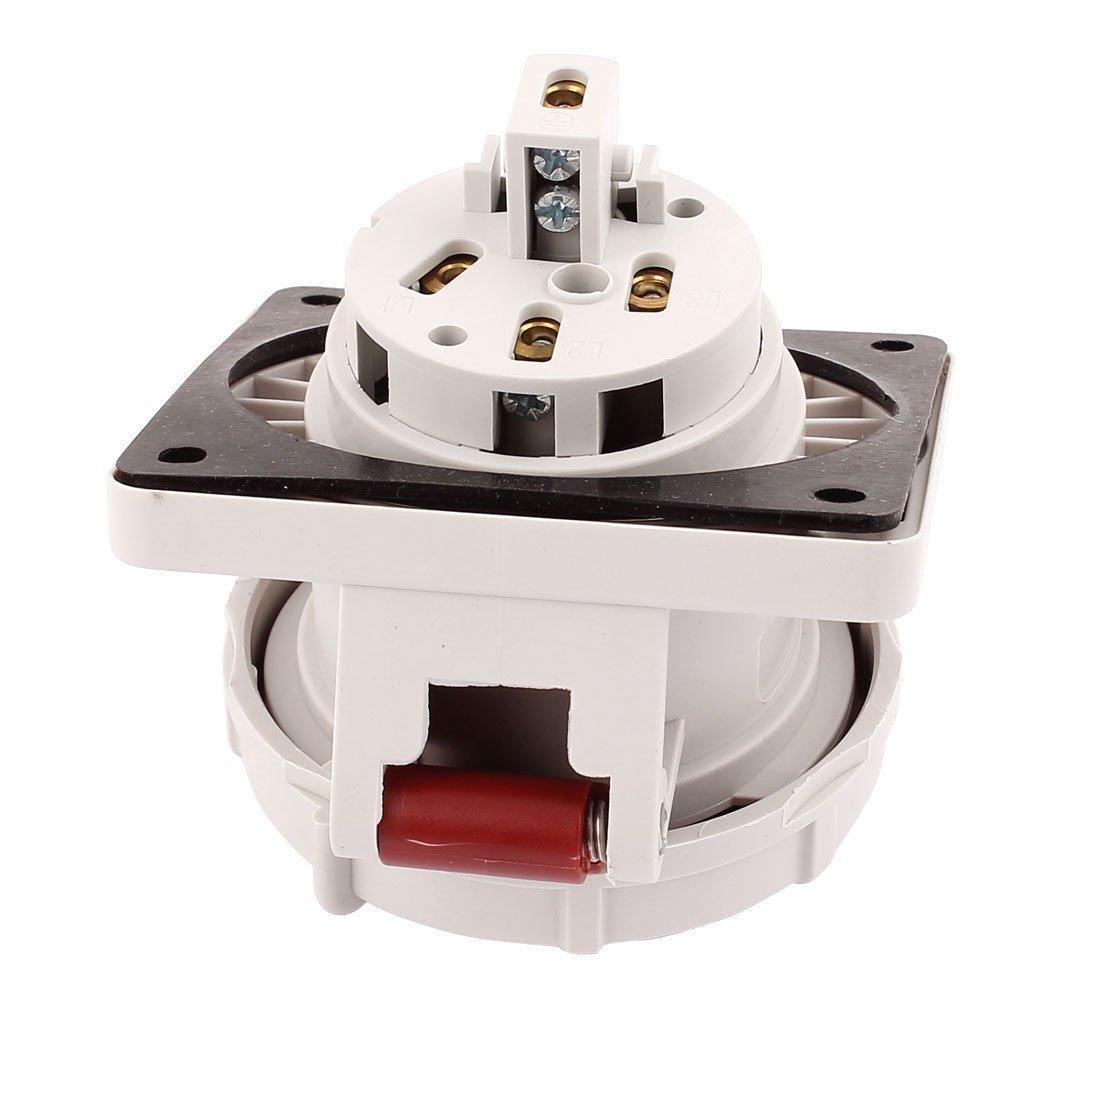 eDealMax AC 380V-415V 16A IP67 3P + T 4-terminal hembra oblicua Industrial Socket - - Amazon.com